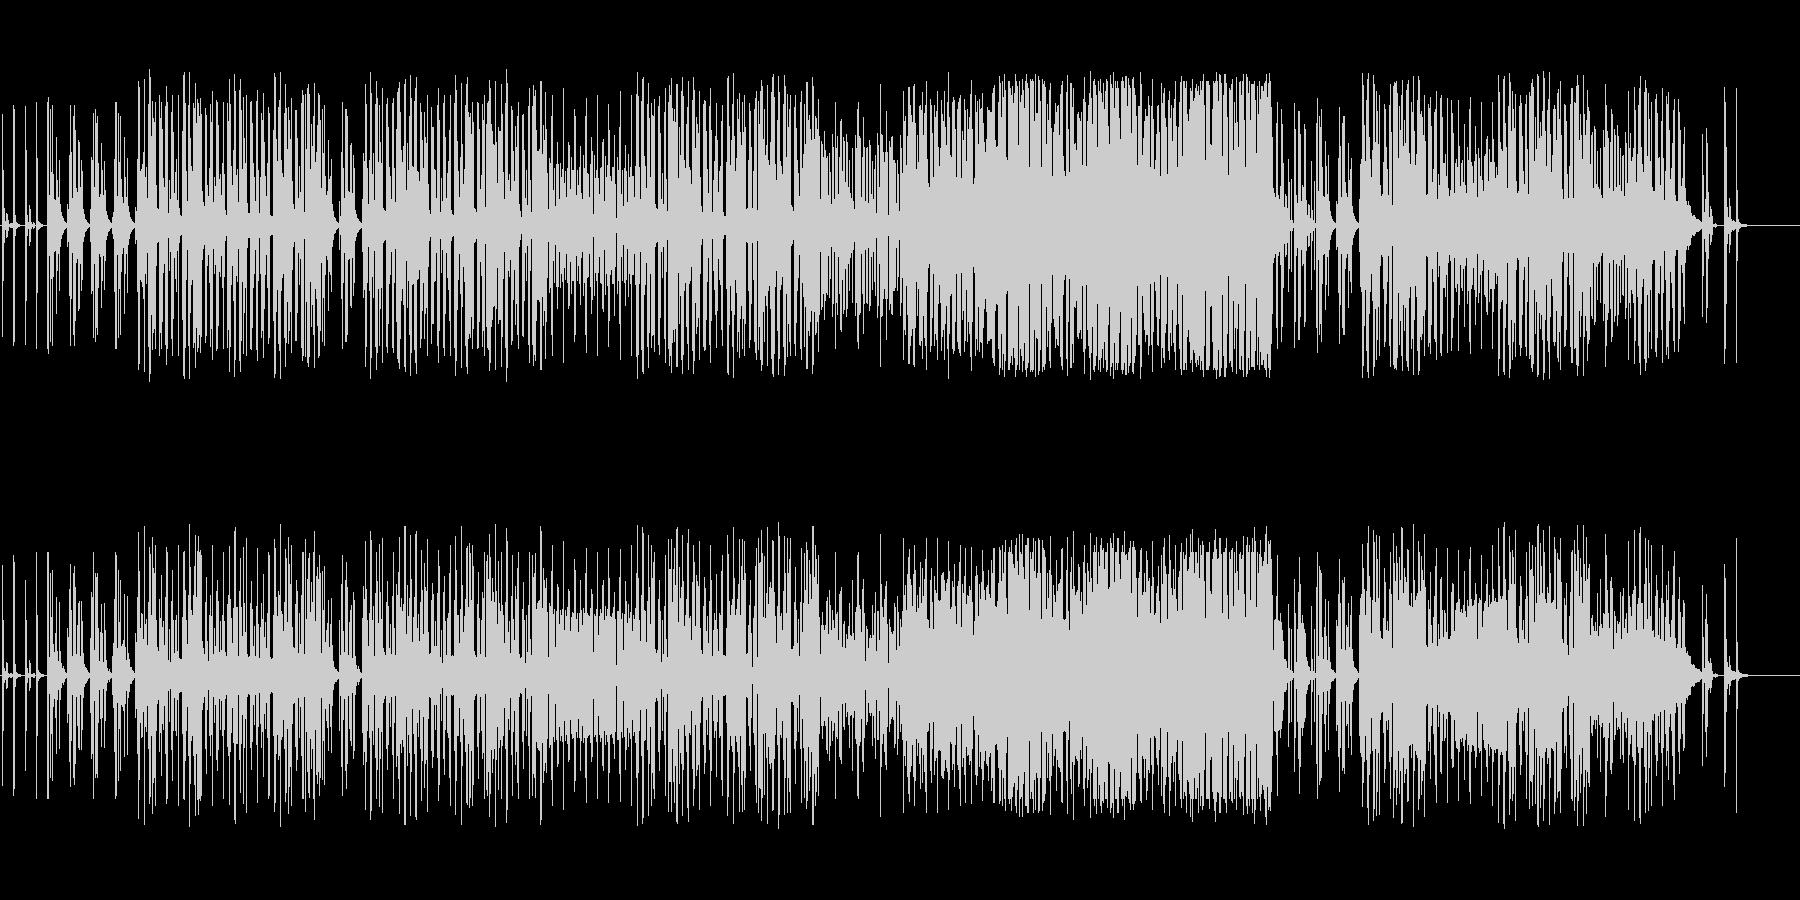 明るいシンセミニマルにピアノのメロディの未再生の波形